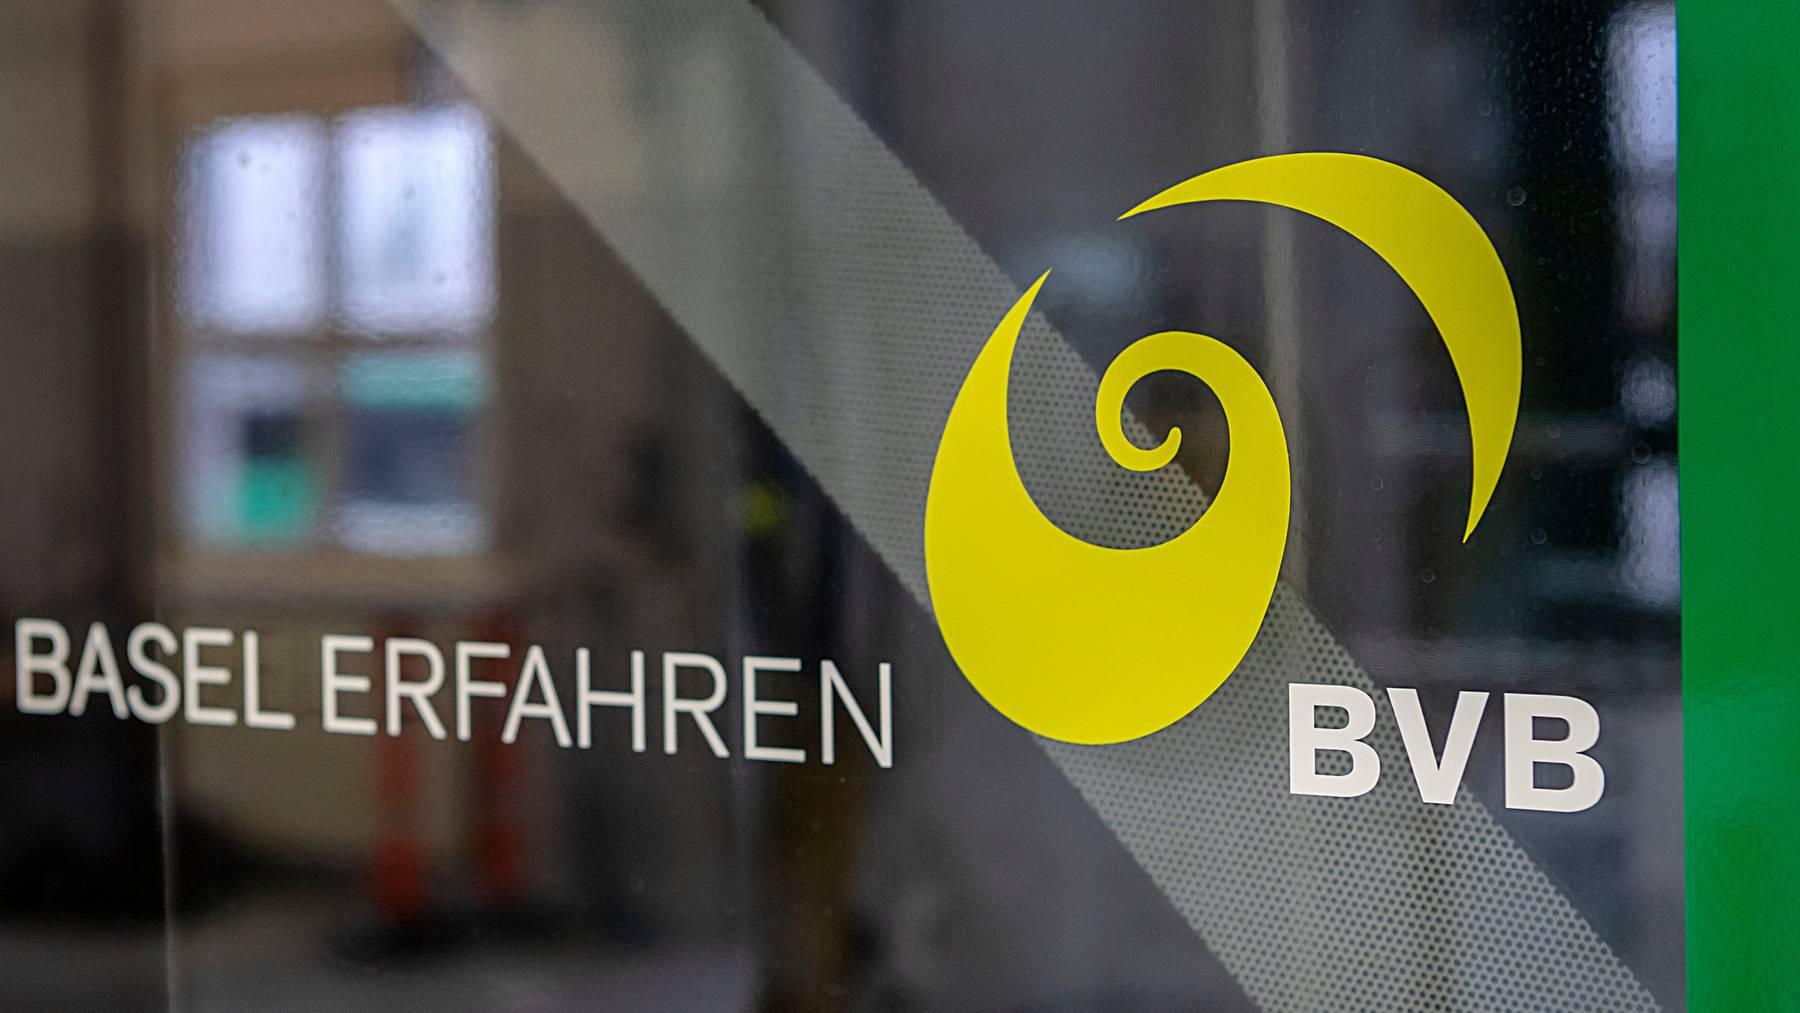 Gestützt auf einen Bericht der Finanzkontrolle, ermittelte die Staatsanwaltschaft Basel-Stadt gegen ehemalige Verantwortliche der Basler Verkehrs-Betriebe.